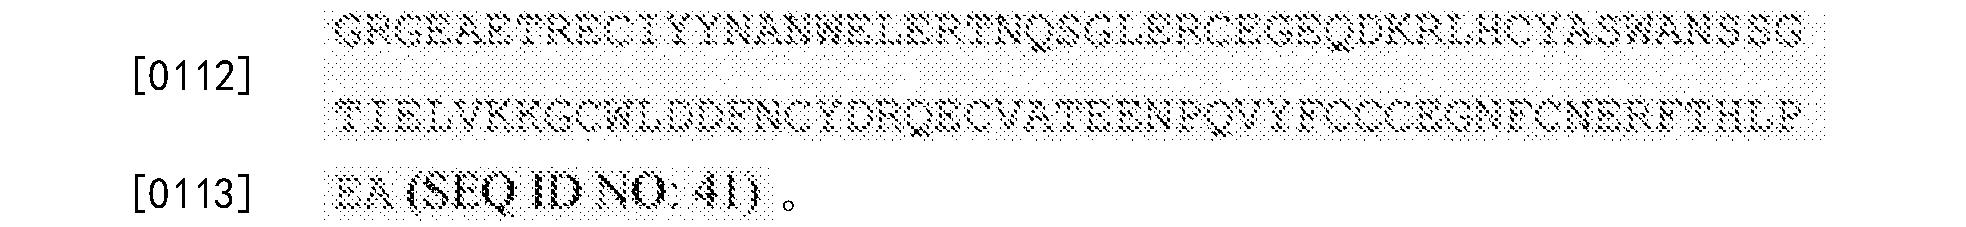 Figure CN103987403BD00203